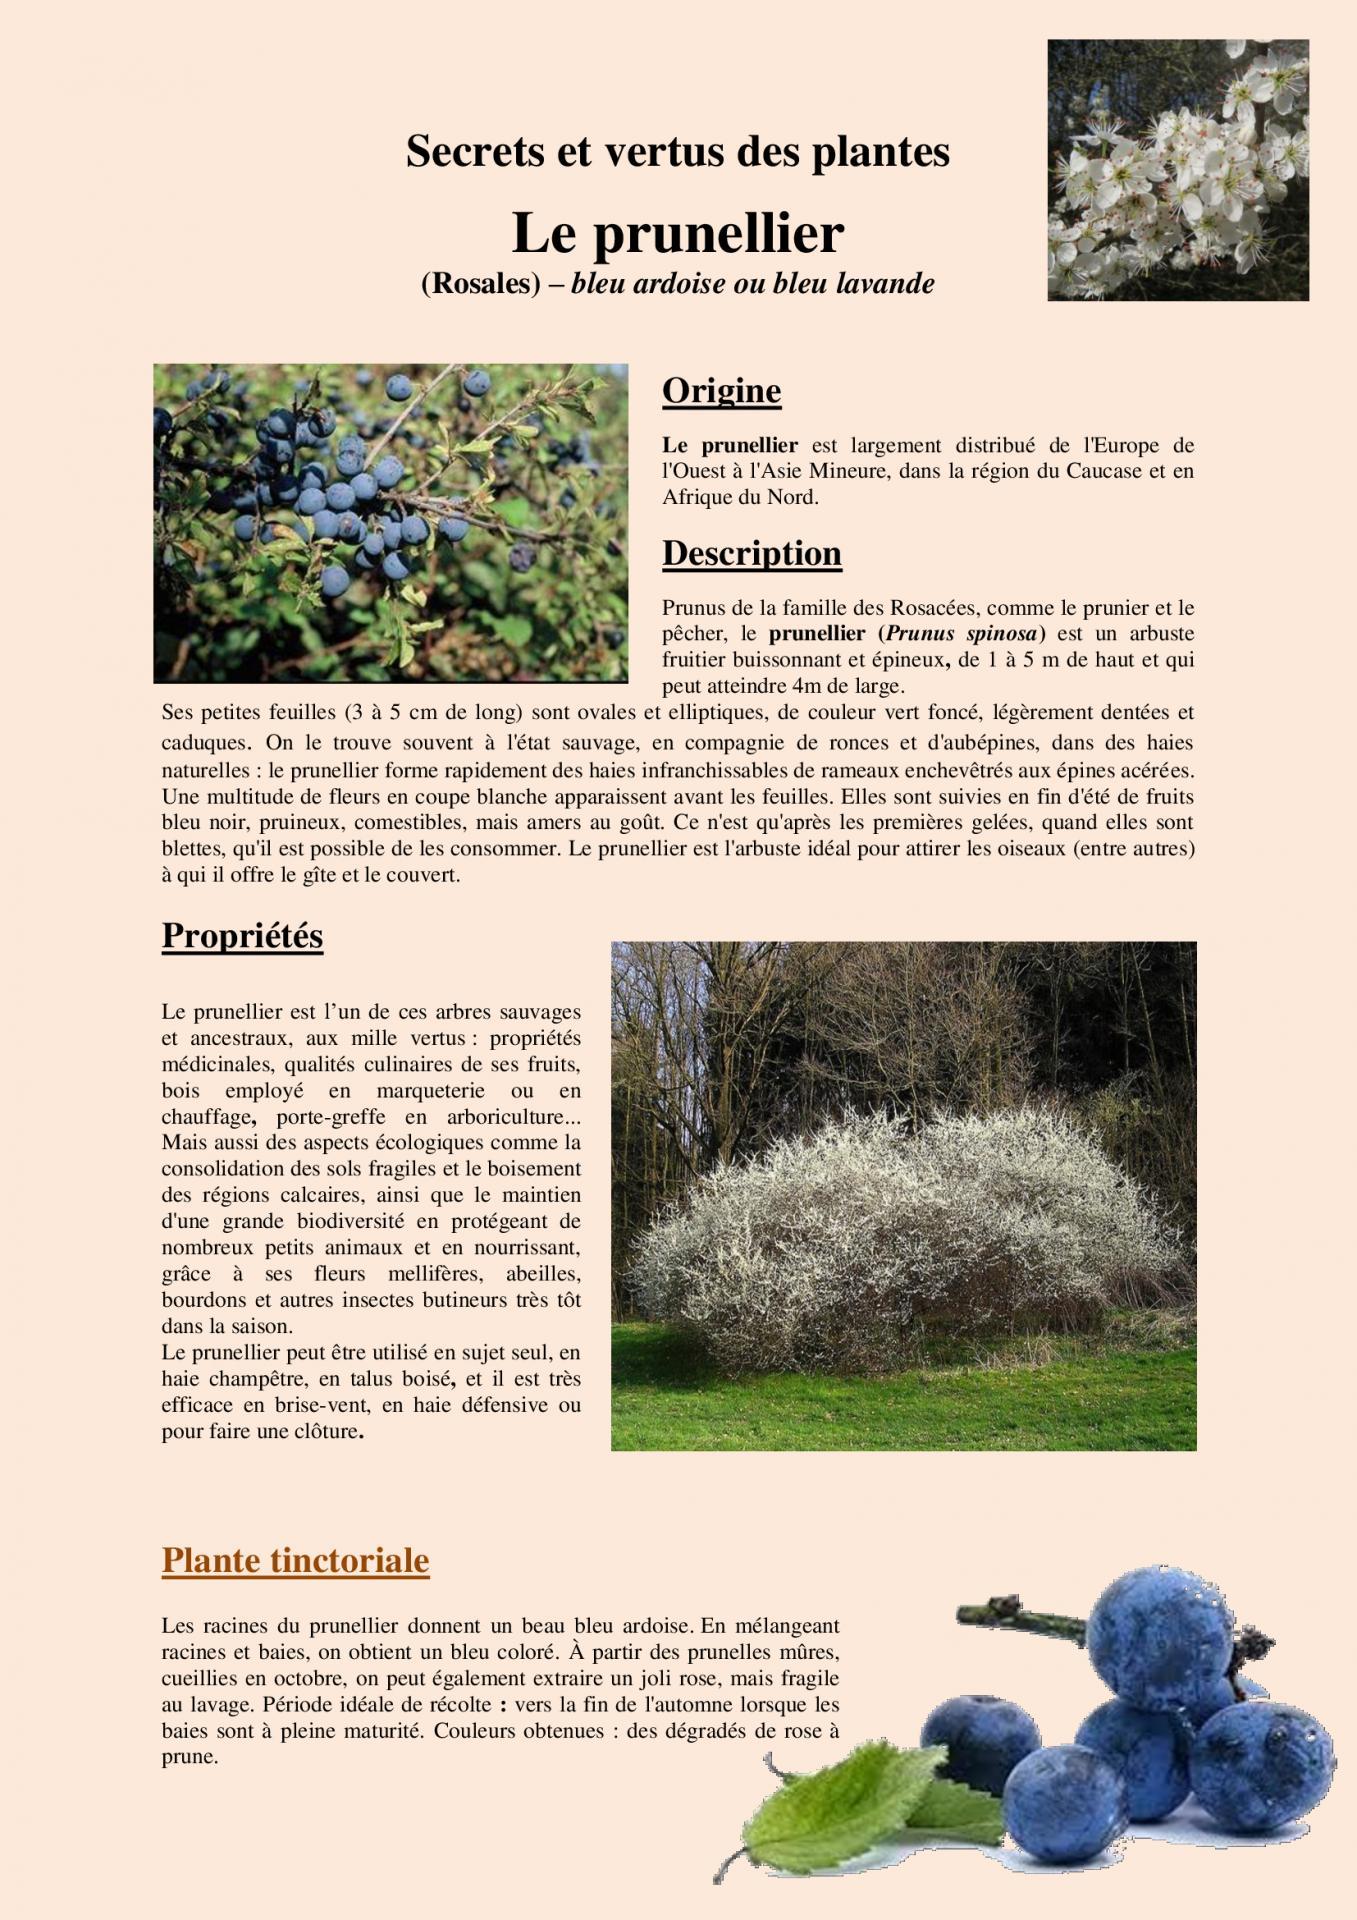 Le prunellier